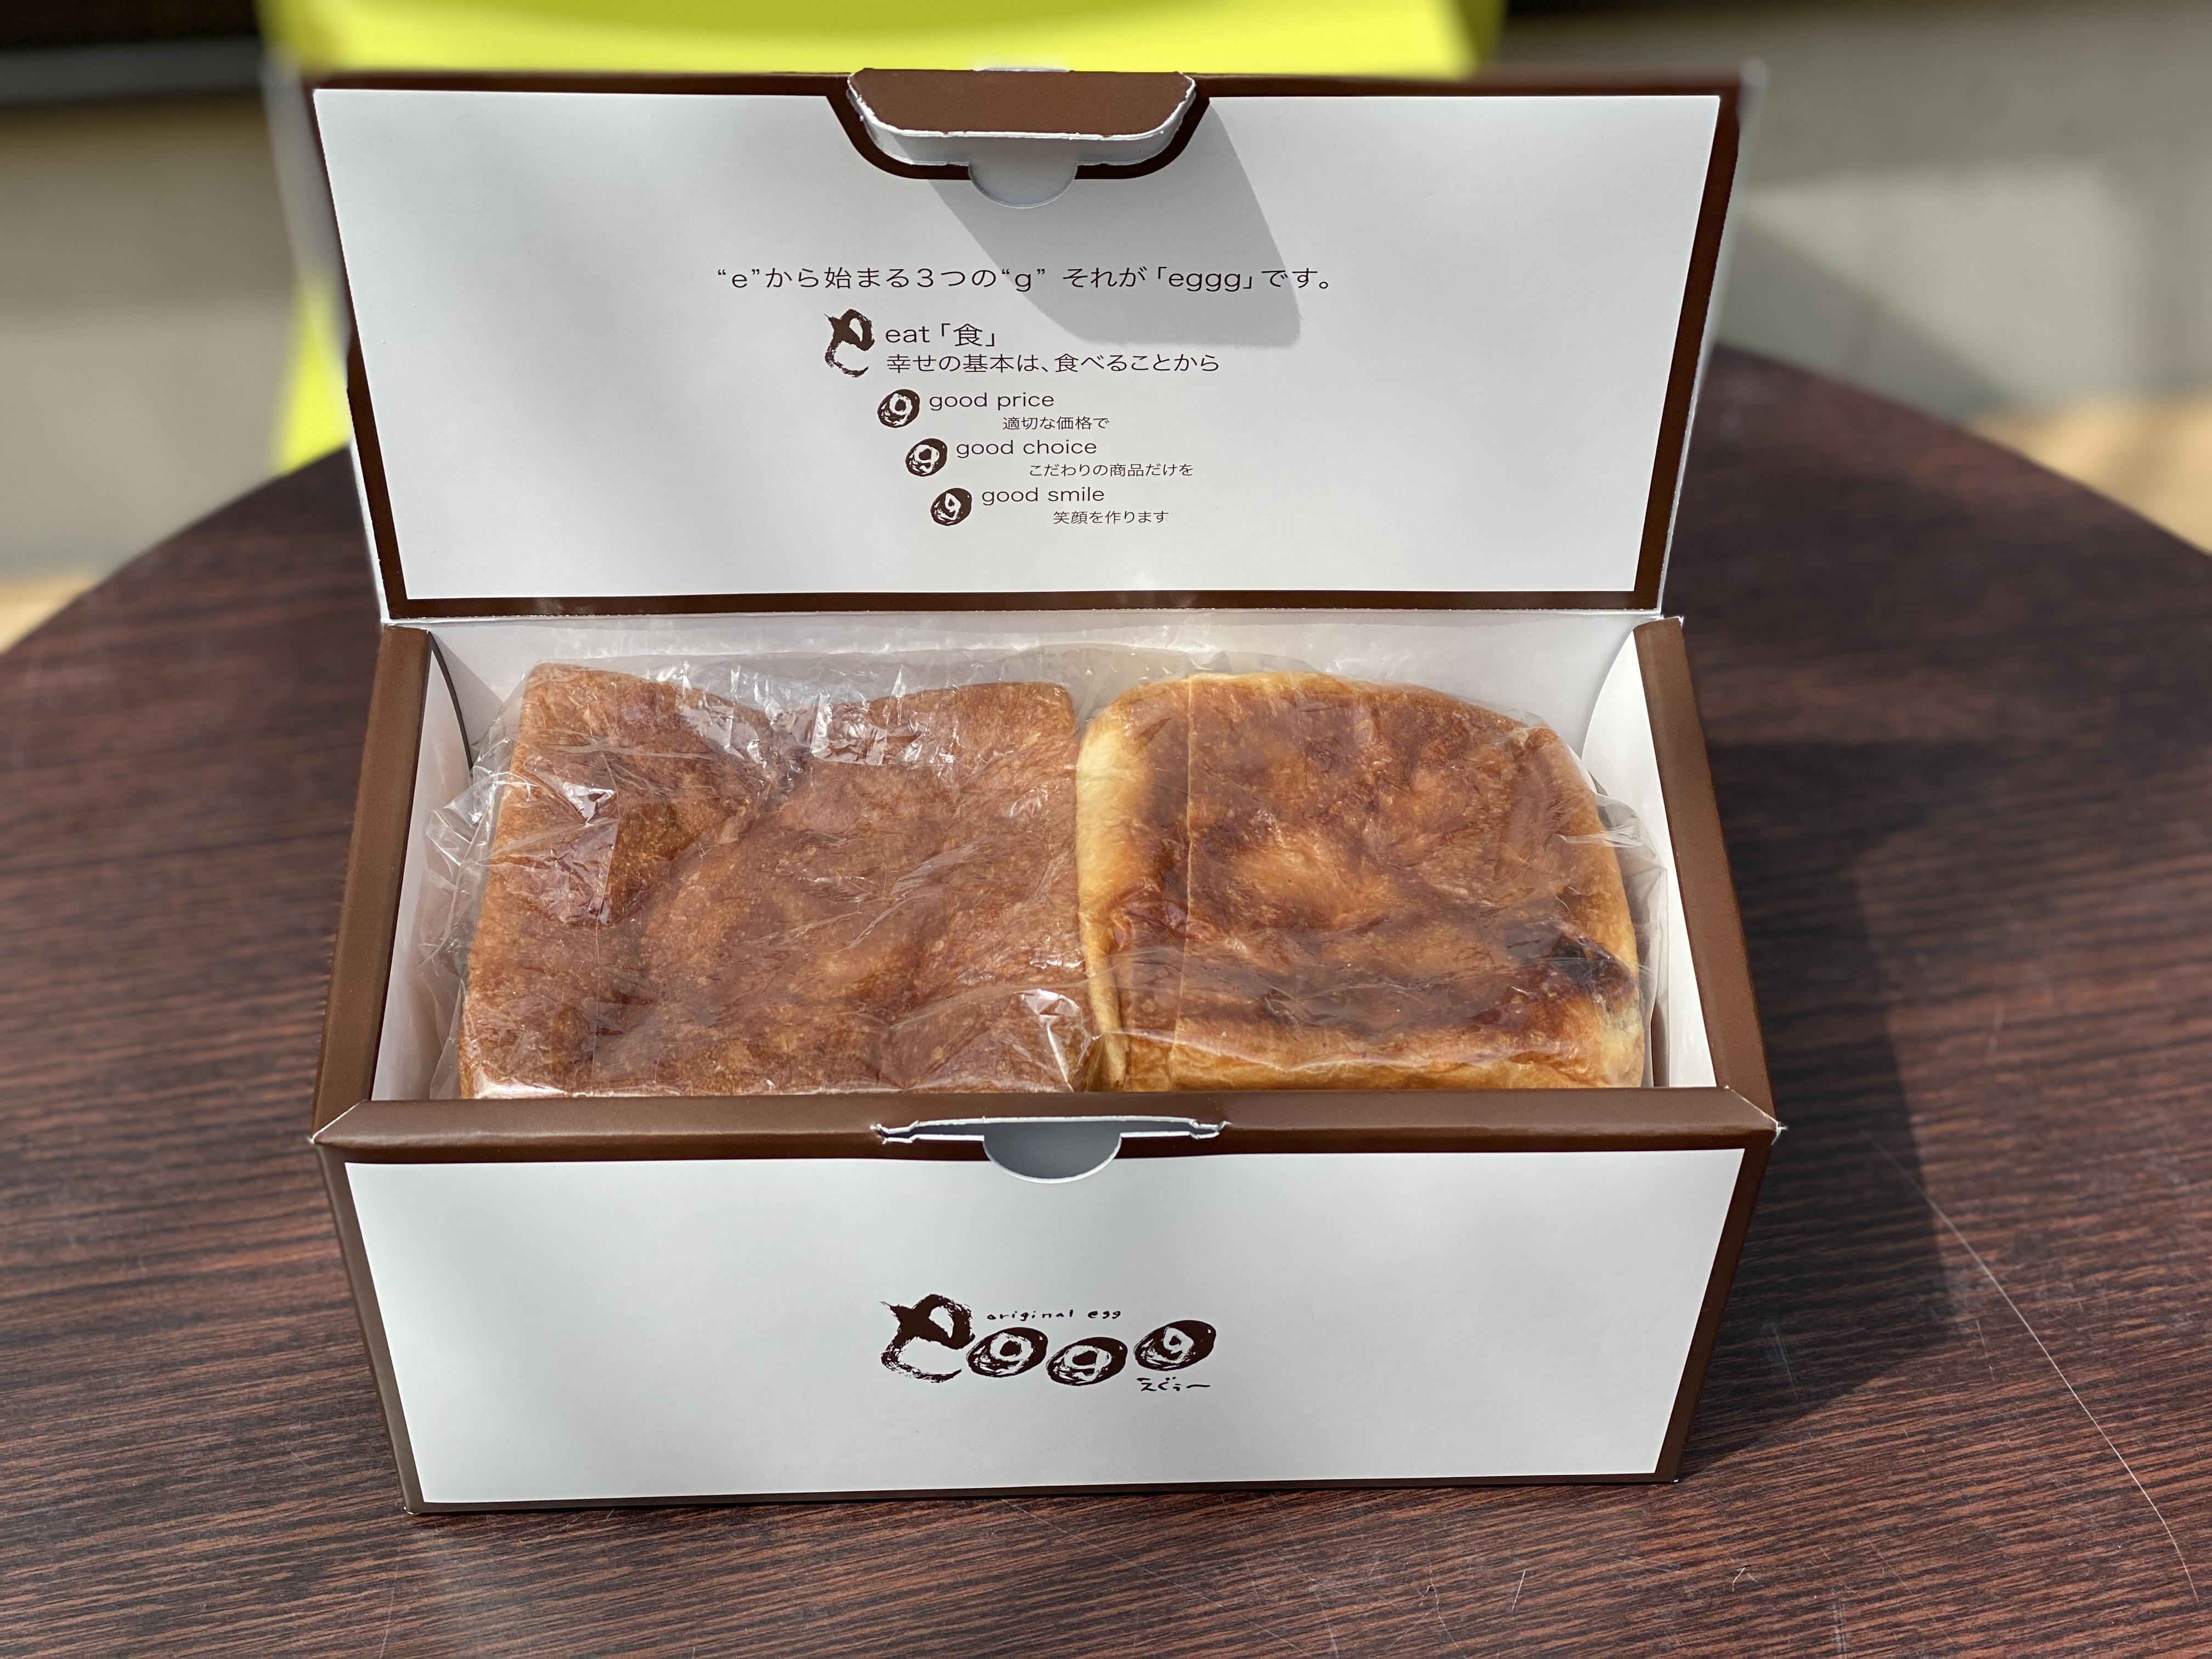 プレーン・レーズン食パン各1個